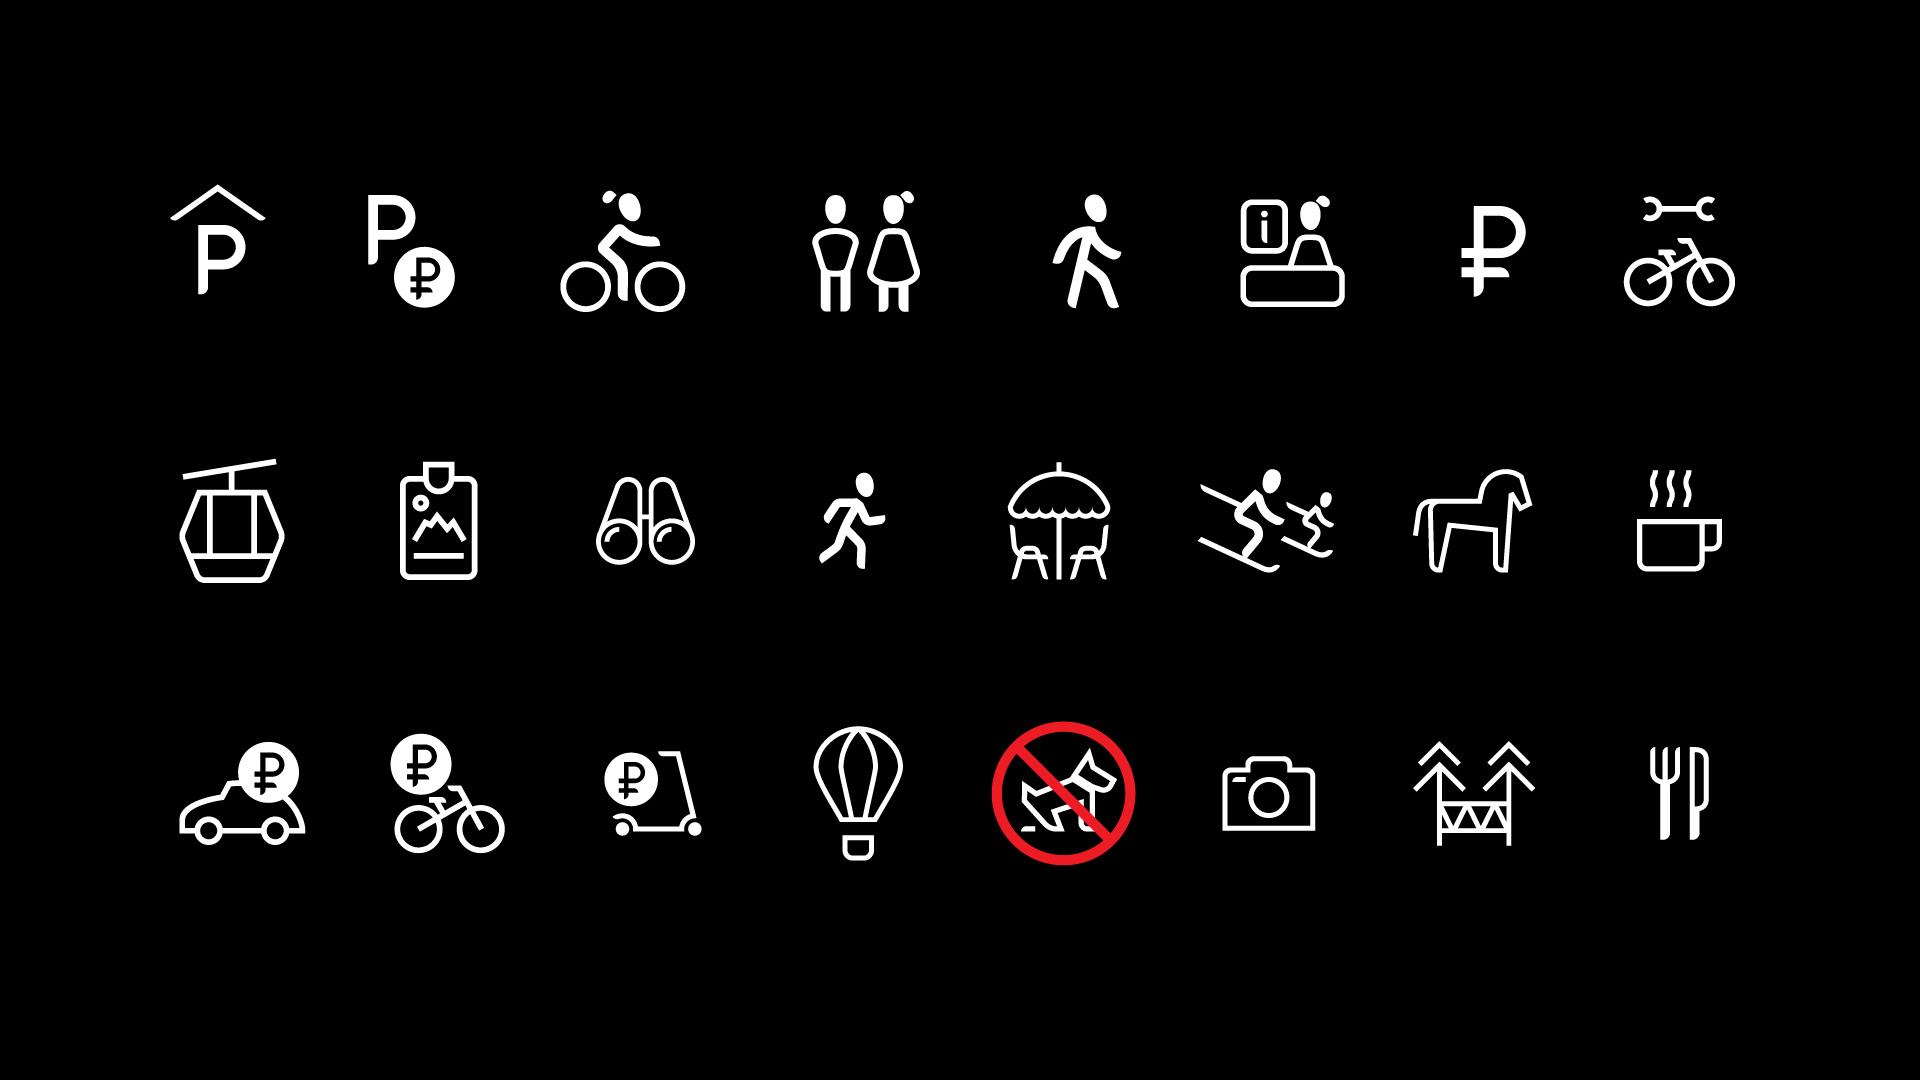 Асгард Брендинг, Курорт Красная Поляна, ребрендинг, фирменный стиль, айдентика, лого, курорт, дизайн, пиктограммы, графический дизайн, средовой дизайн, система графической навигации, pictogram design, signagesystem